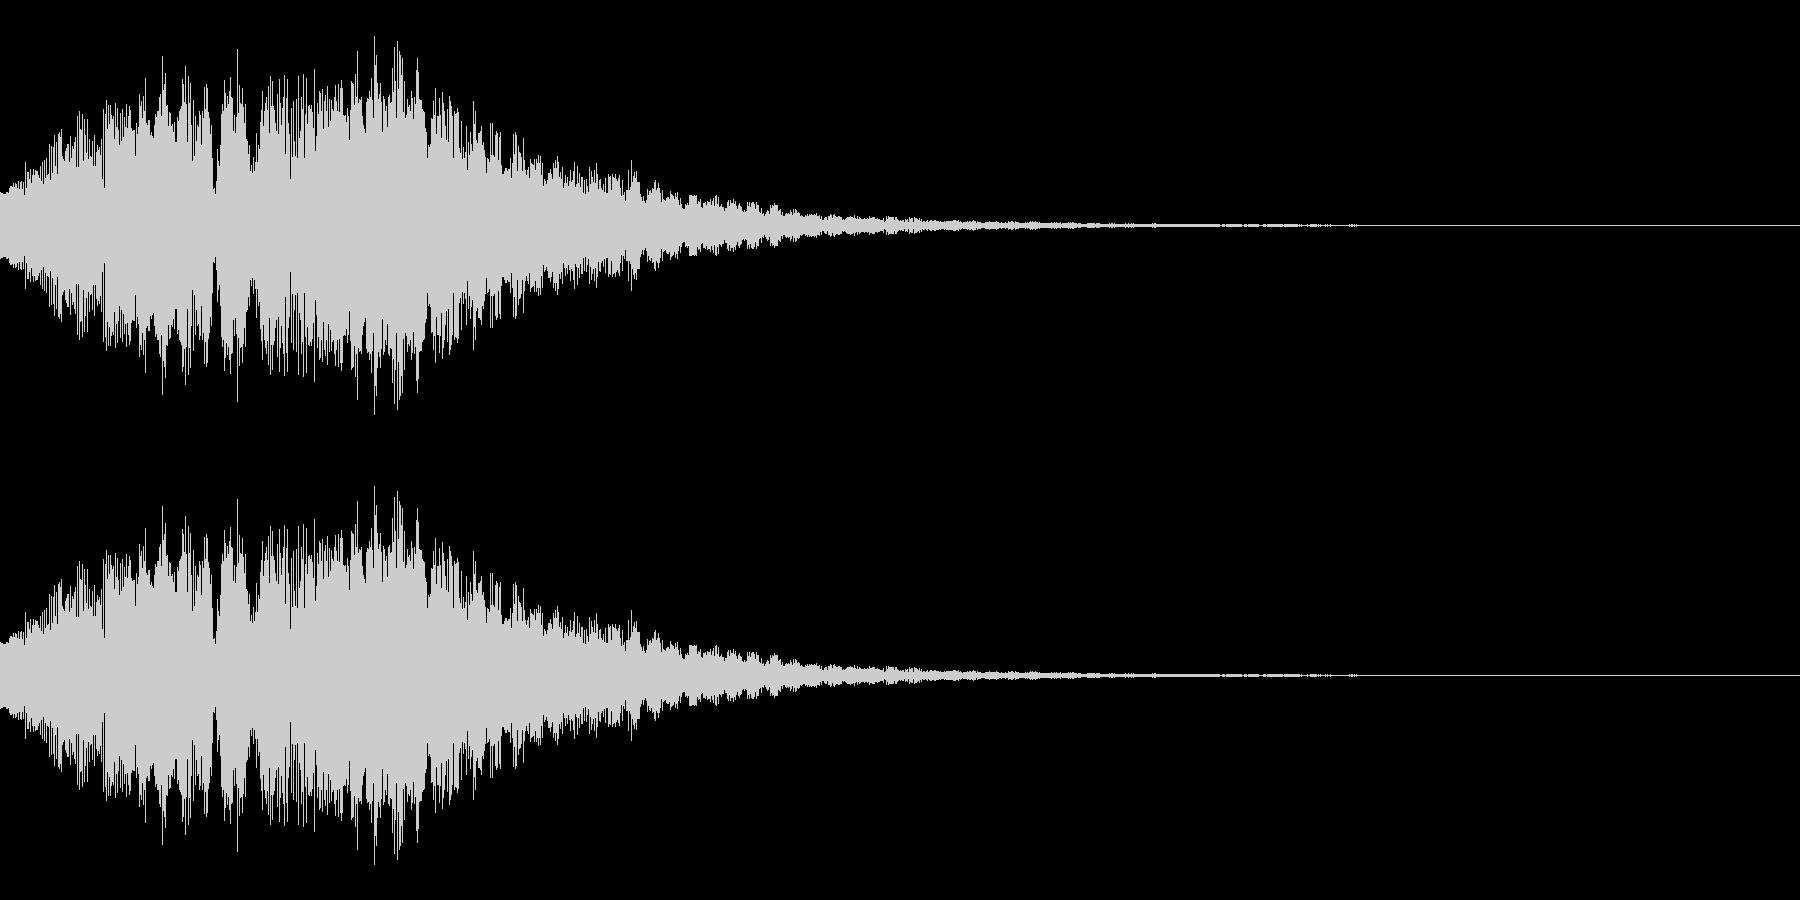 ベルを使ったアラーム音の未再生の波形